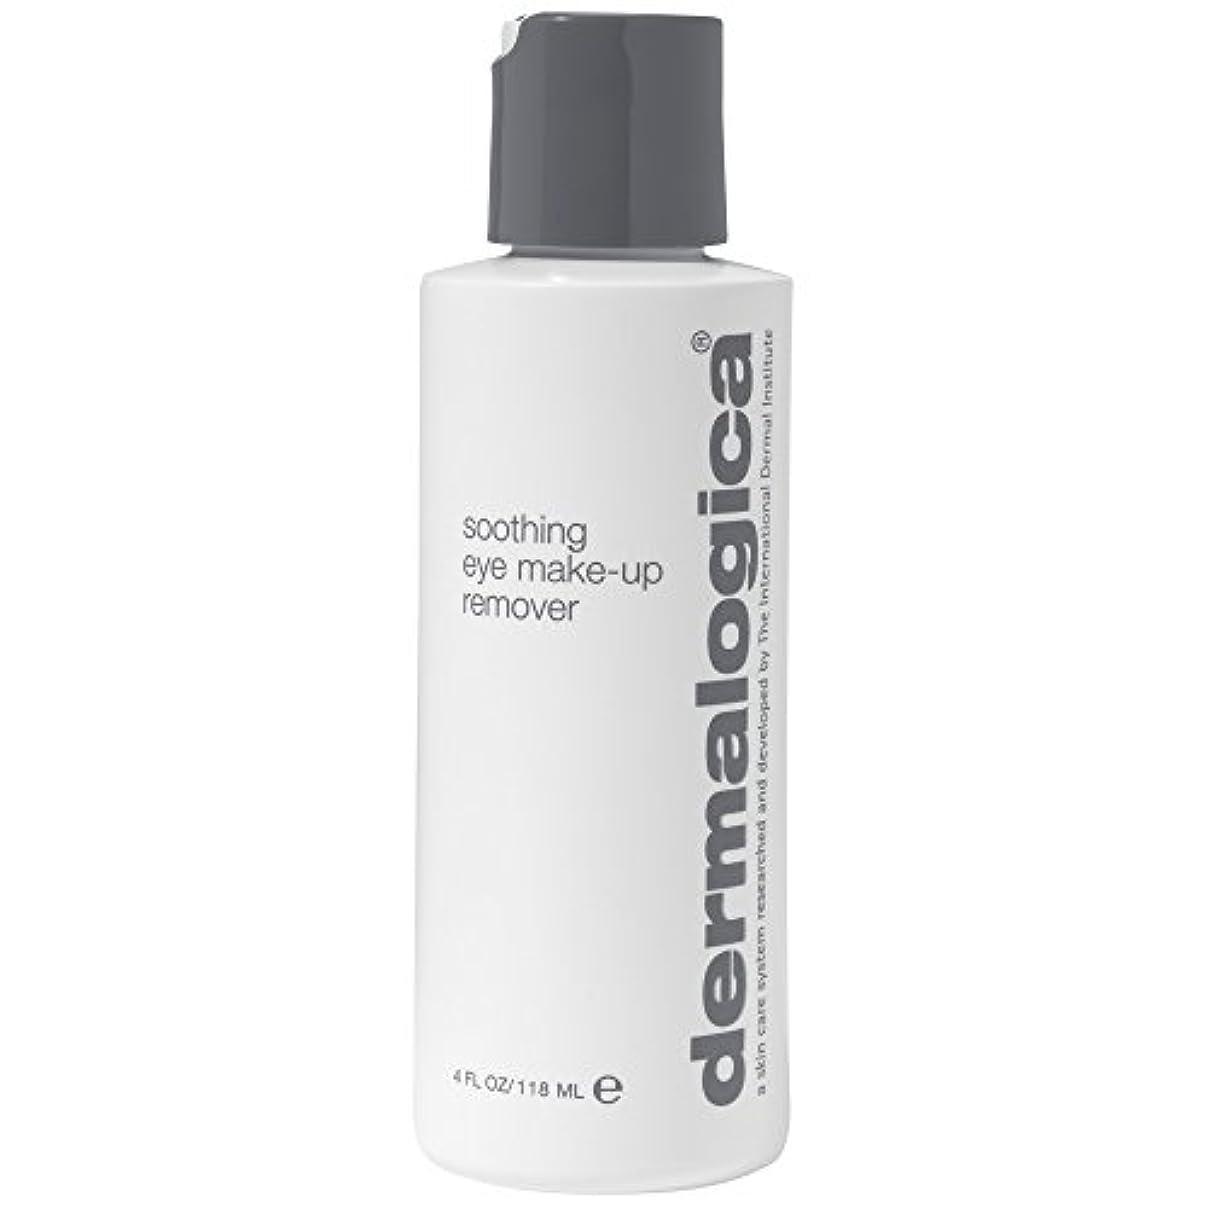 ダーマロジカなだめるアイメイクアップリムーバーの118ミリリットル (Dermalogica) - Dermalogica Soothing Eye Makeup Remover 118ml [並行輸入品]